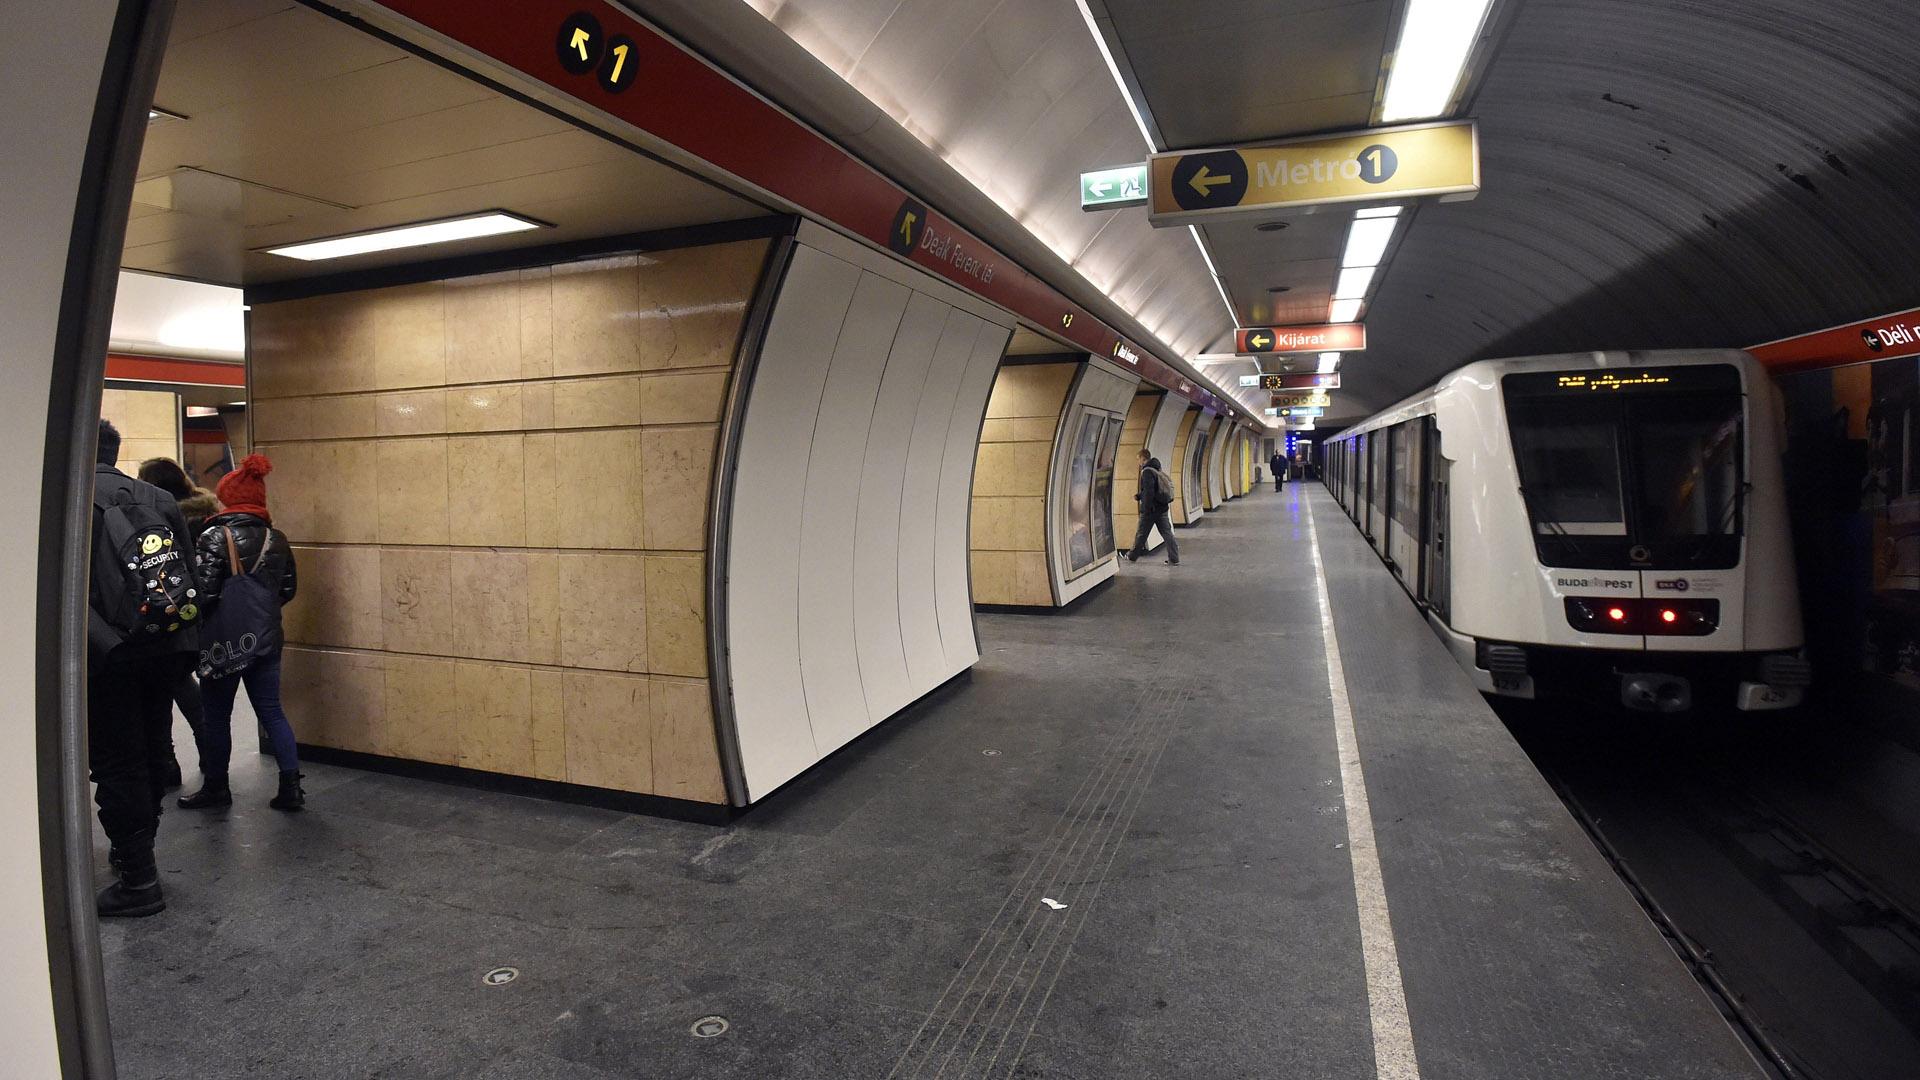 2-es metró, Deák tér